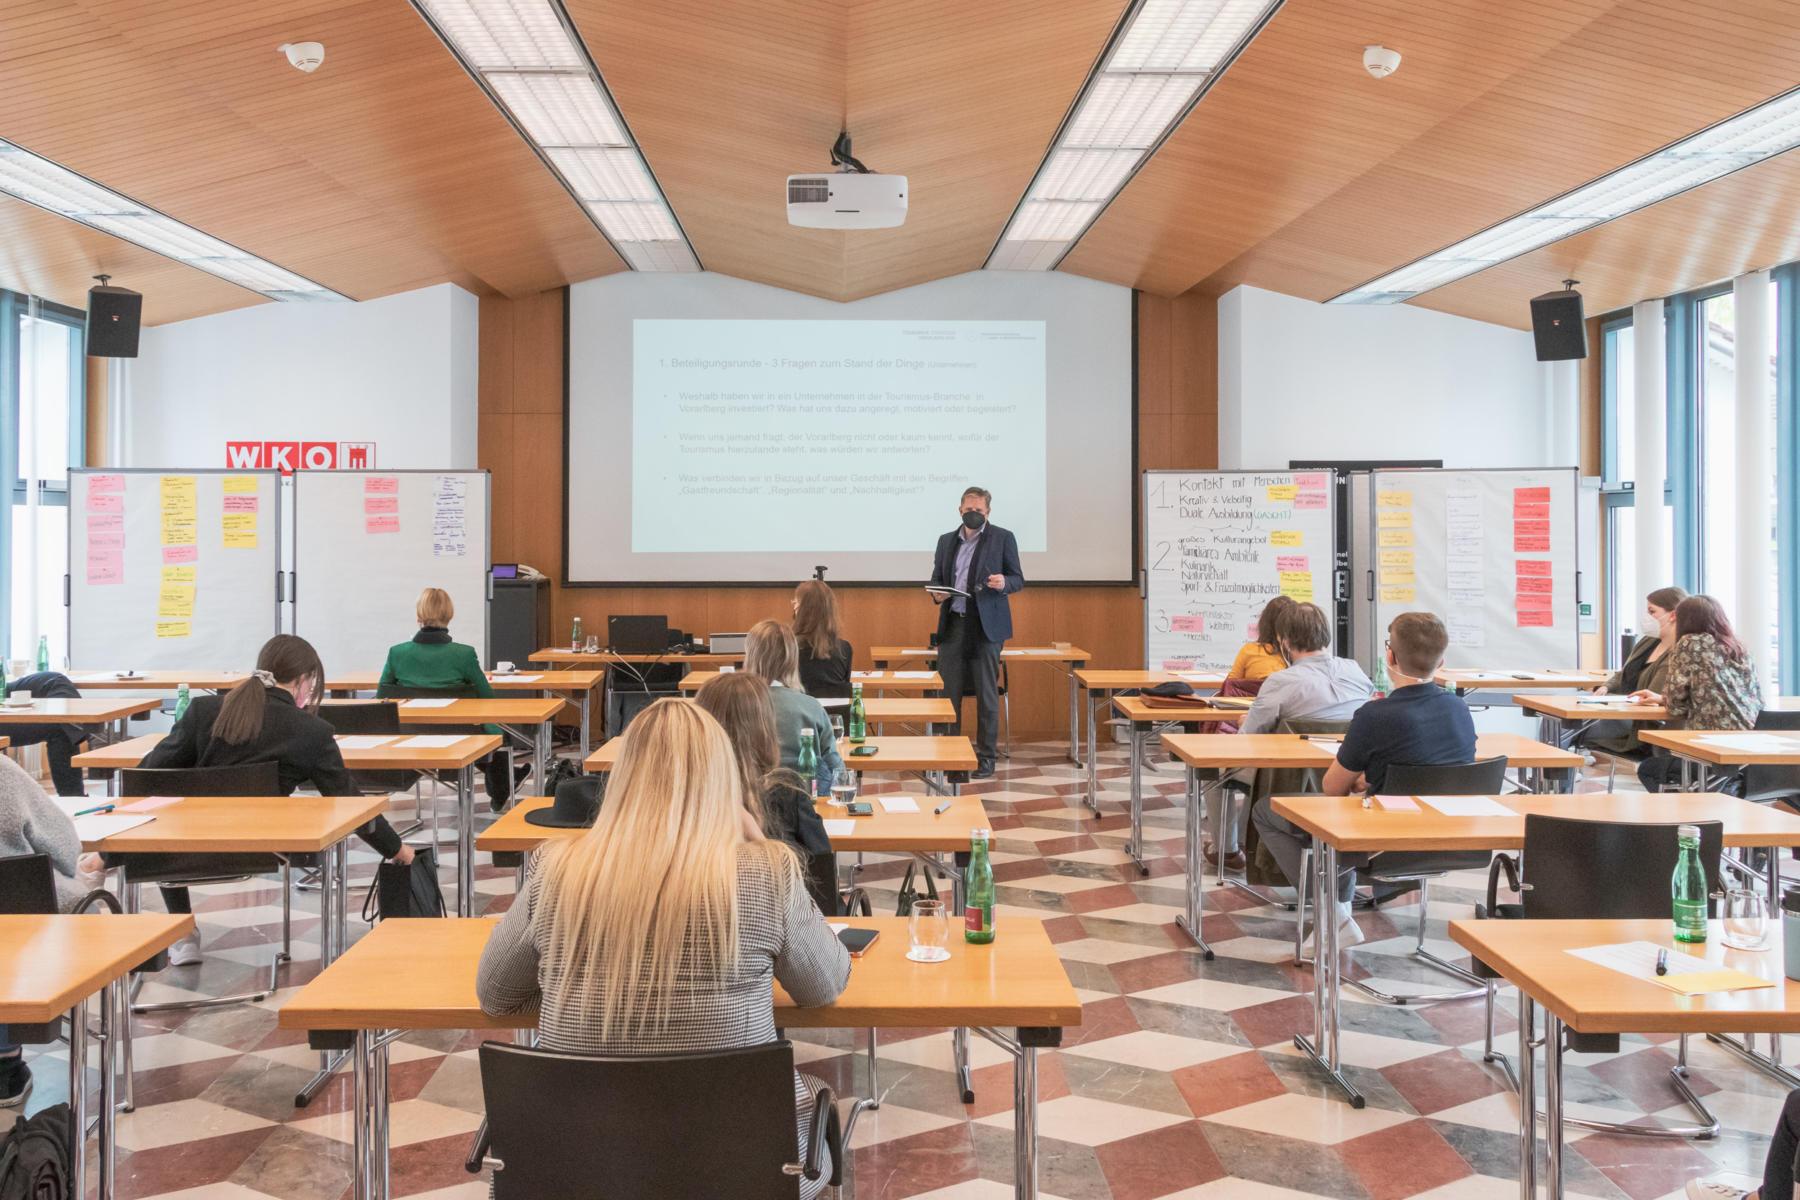 vorarlberg tourismus workshop 10 1800x1200 - Spannende Fokusgruppen und Fach-Workshops zur Evaluierung der bisherigen Tourismusstrategie